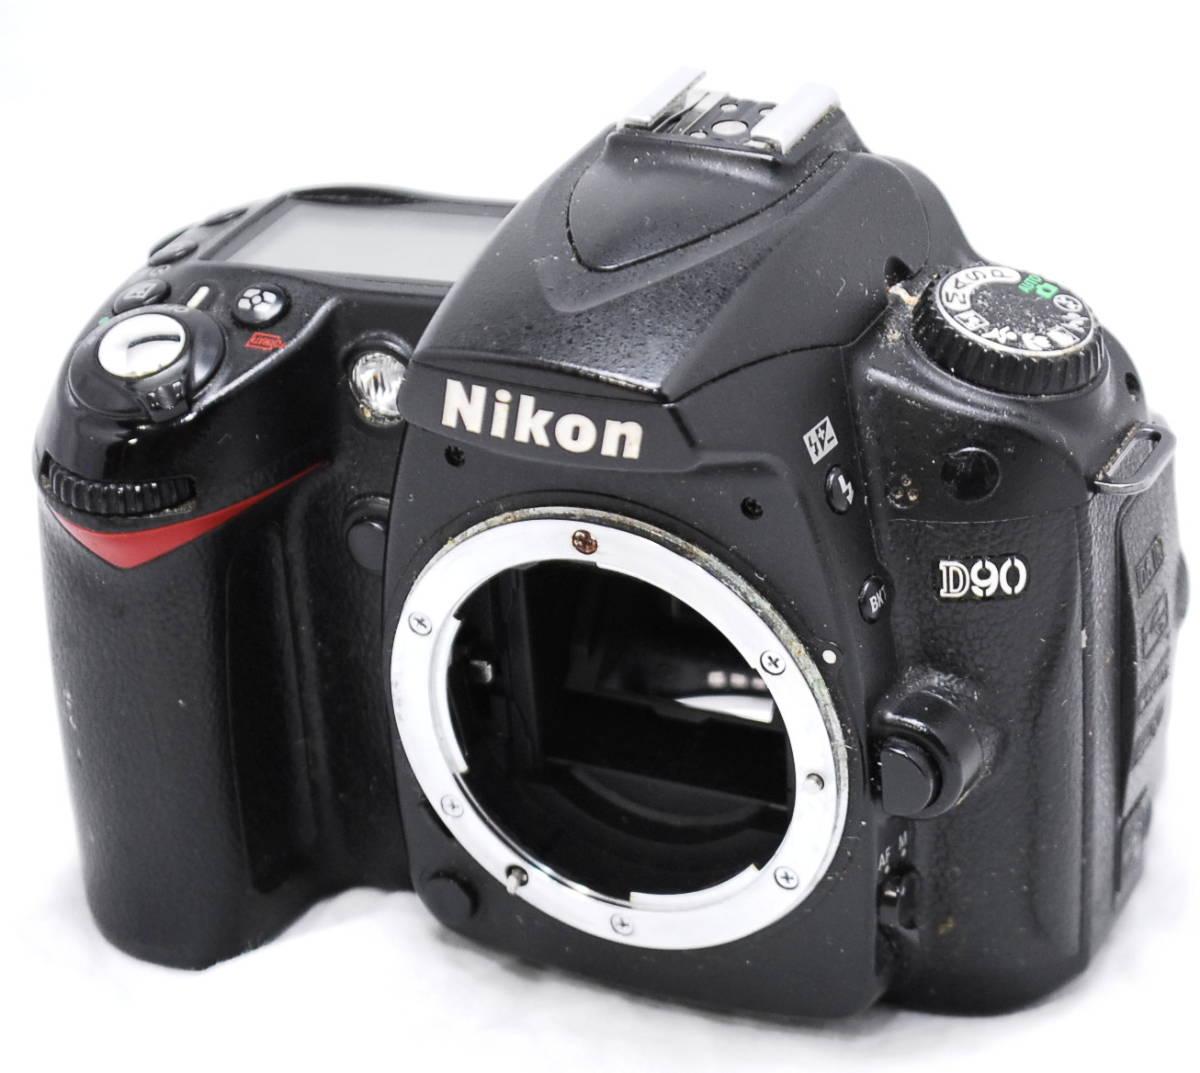 【良品・動作未確認】Nikon ニコン D90 ジャンク